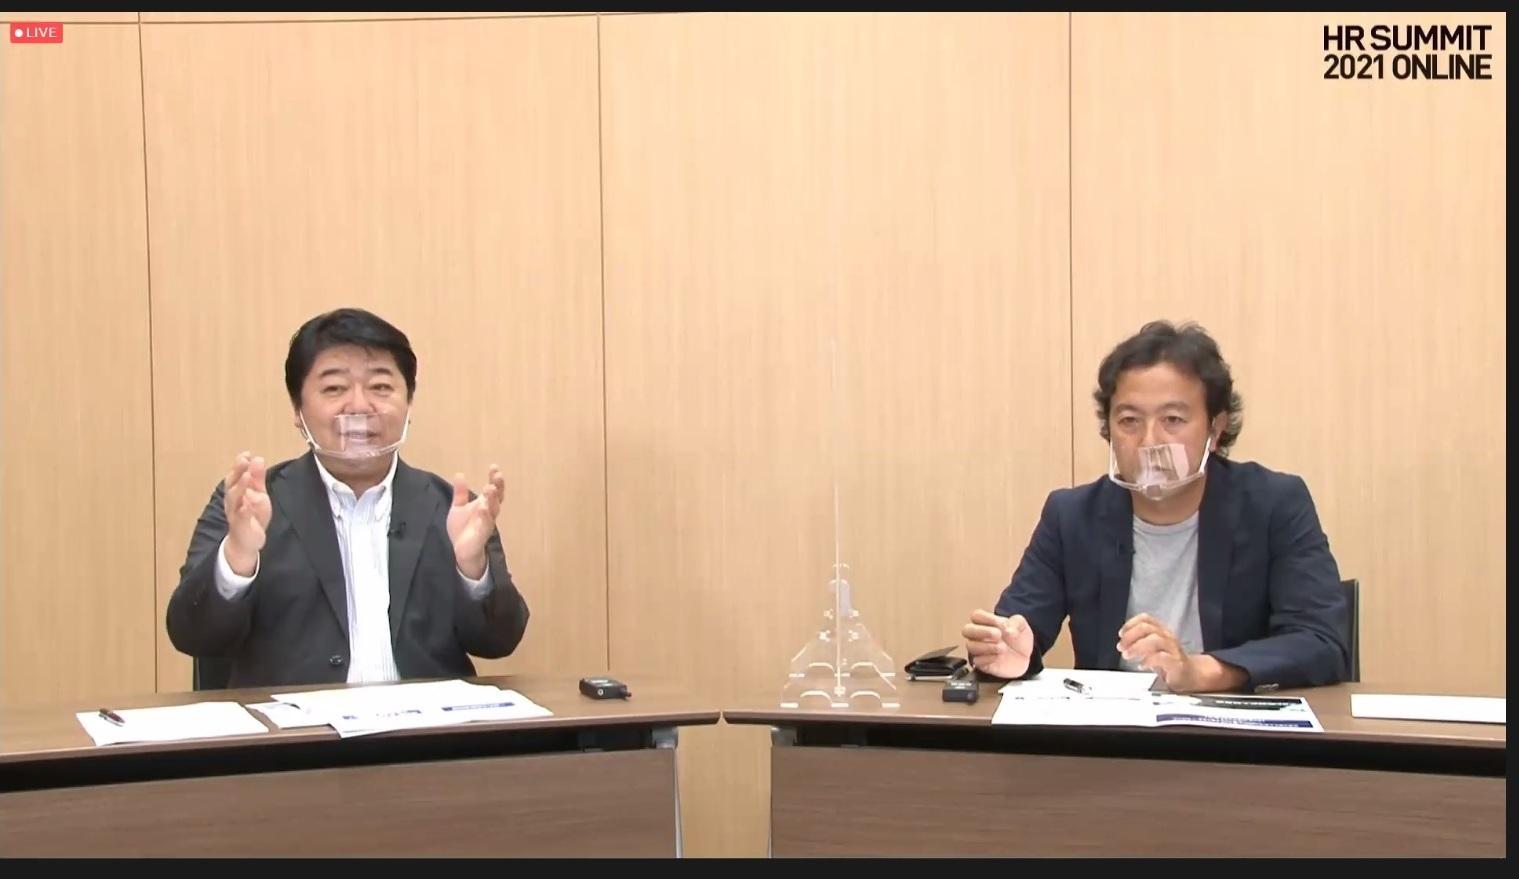 アサヒ飲料株式会社 人事総務部長 相田幸明氏と弊社真田が対談~ 「アサヒ飲料から学ぶ、若手人材育成とリーダーシップ開発」 ~主体性を引き出し、持続的に成長する組織づくりとは~